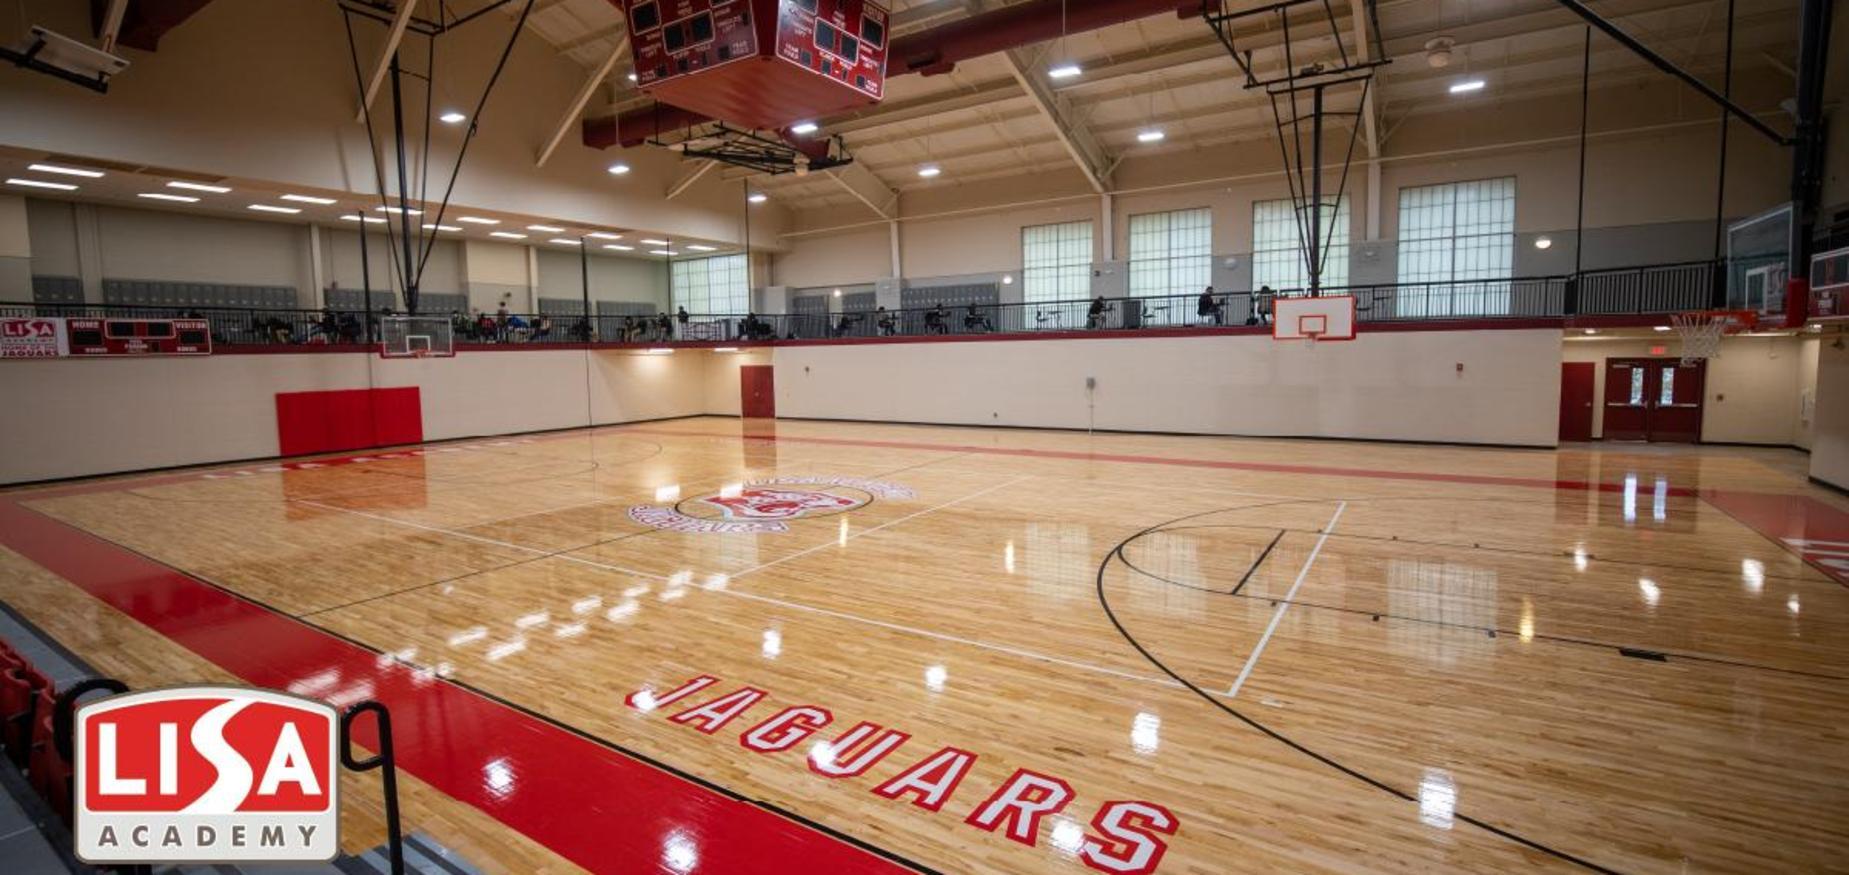 High School gym photo